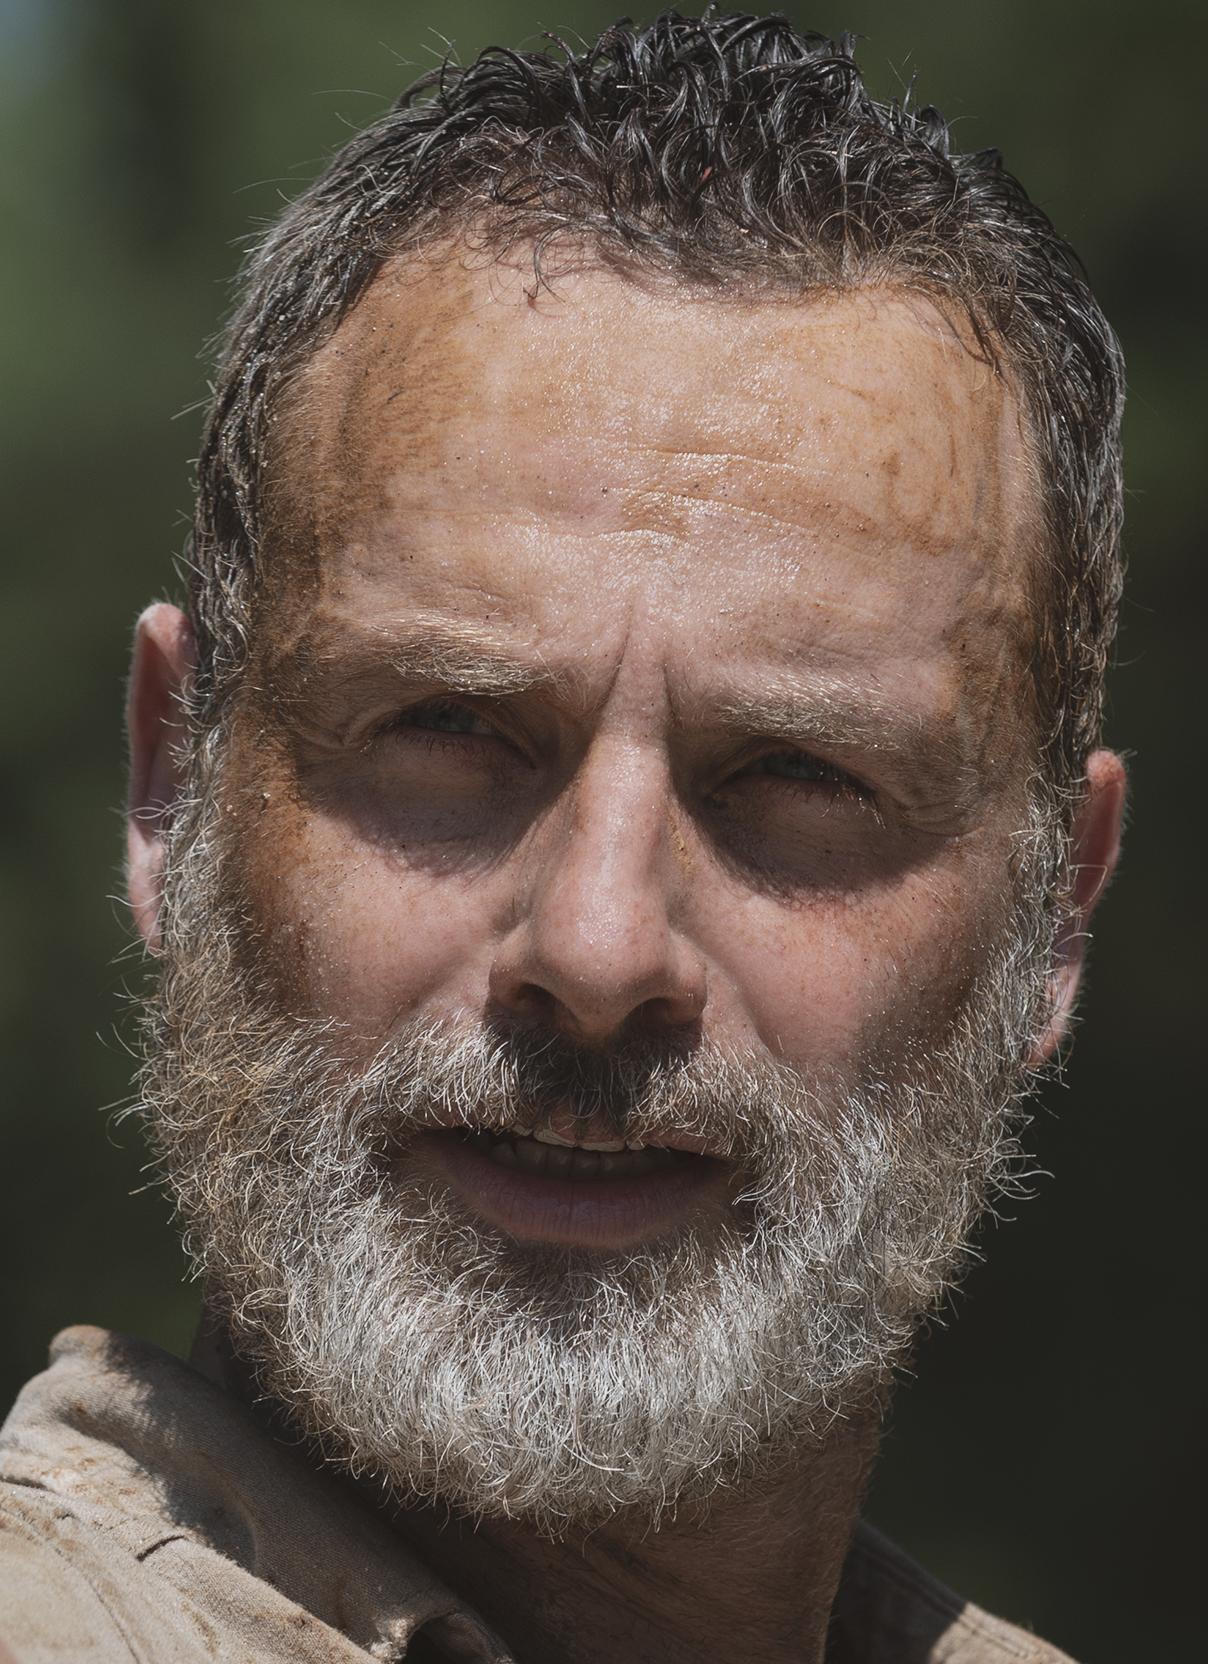 Rick Grimes Tv Series Walking Dead Wiki Fandom Powered By Wikia